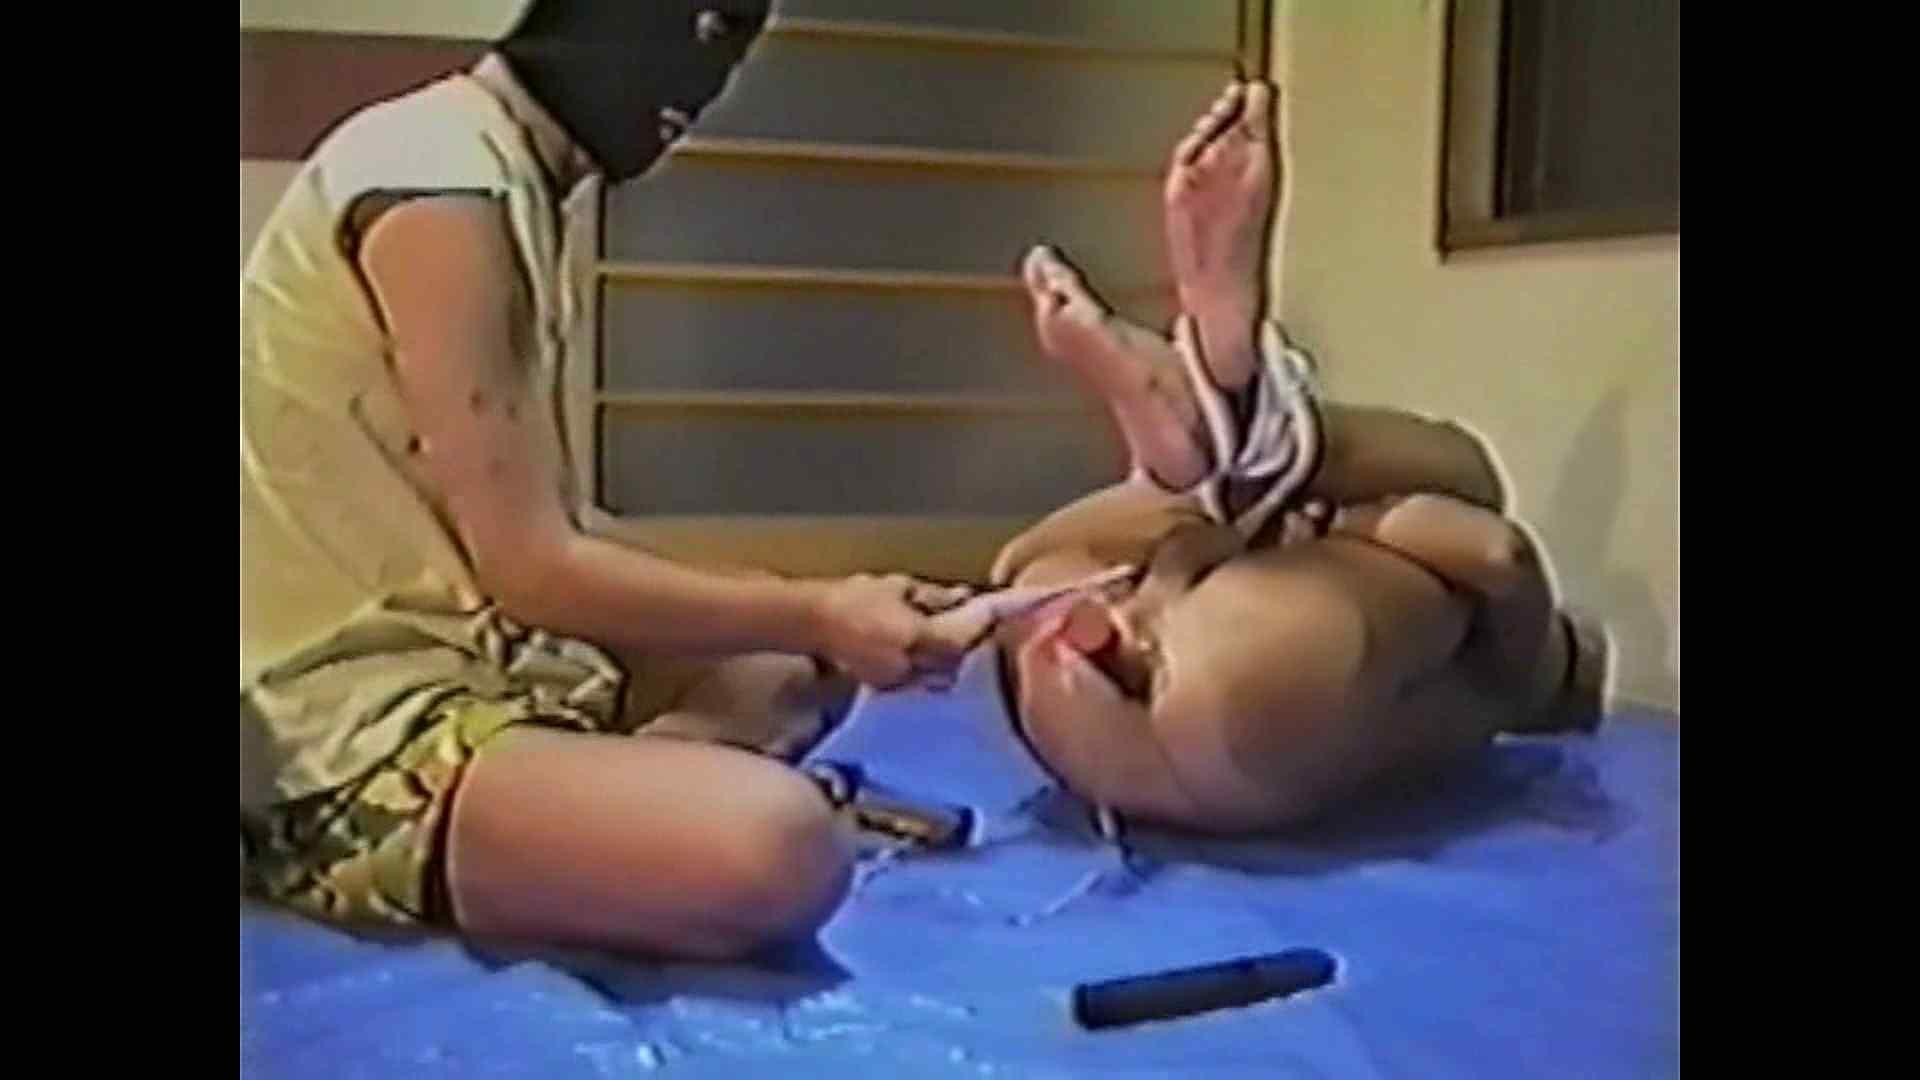 「かわいがり!!」VOL.02 ローター ゲイアダルトビデオ画像 77連発 28